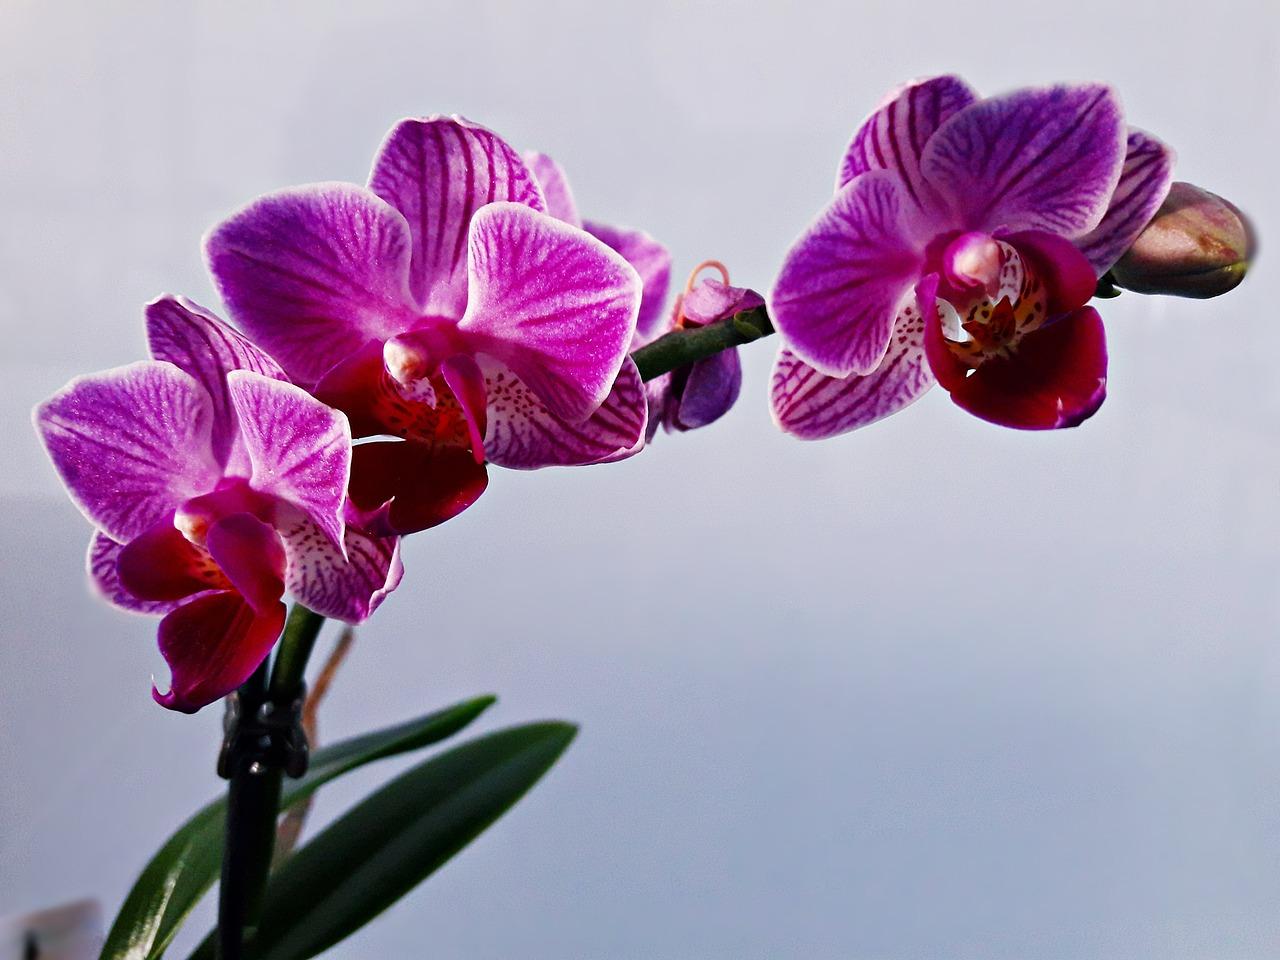 Quante Varietà Di Rose Esistono come potare le orchidee per farle rifiorire?